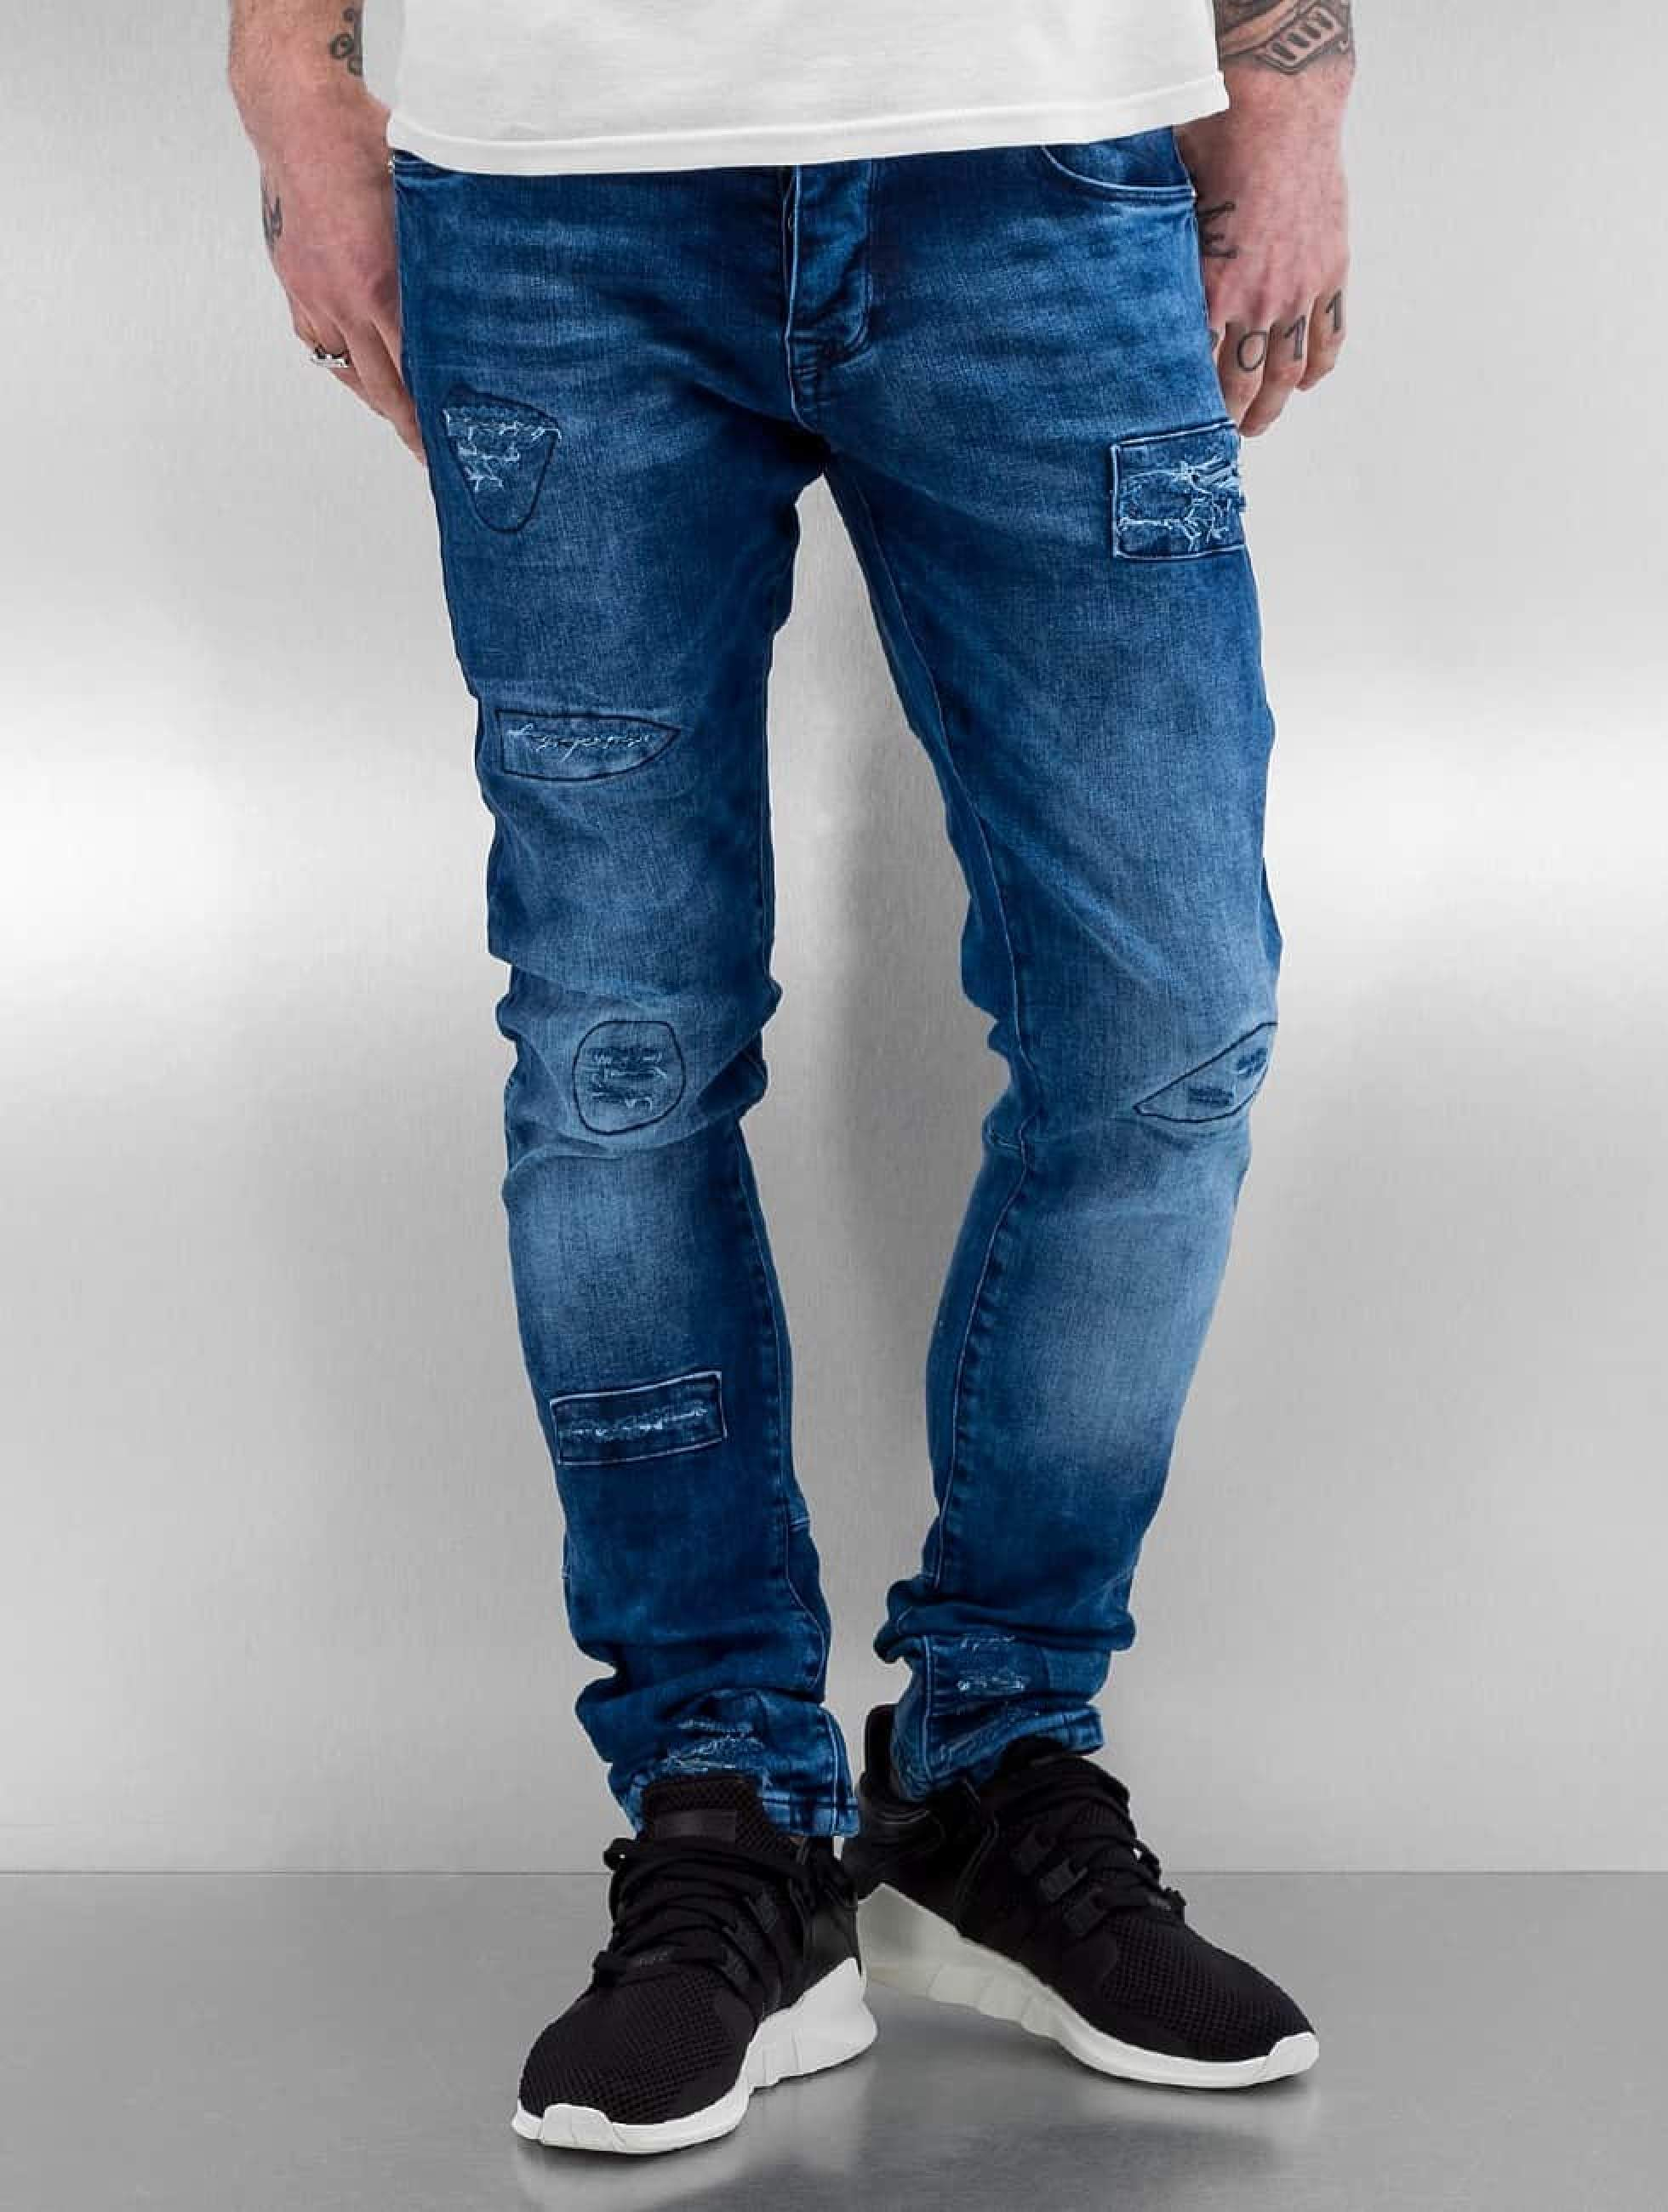 2Y / Skinny Jeans Ofnir in blue W 29